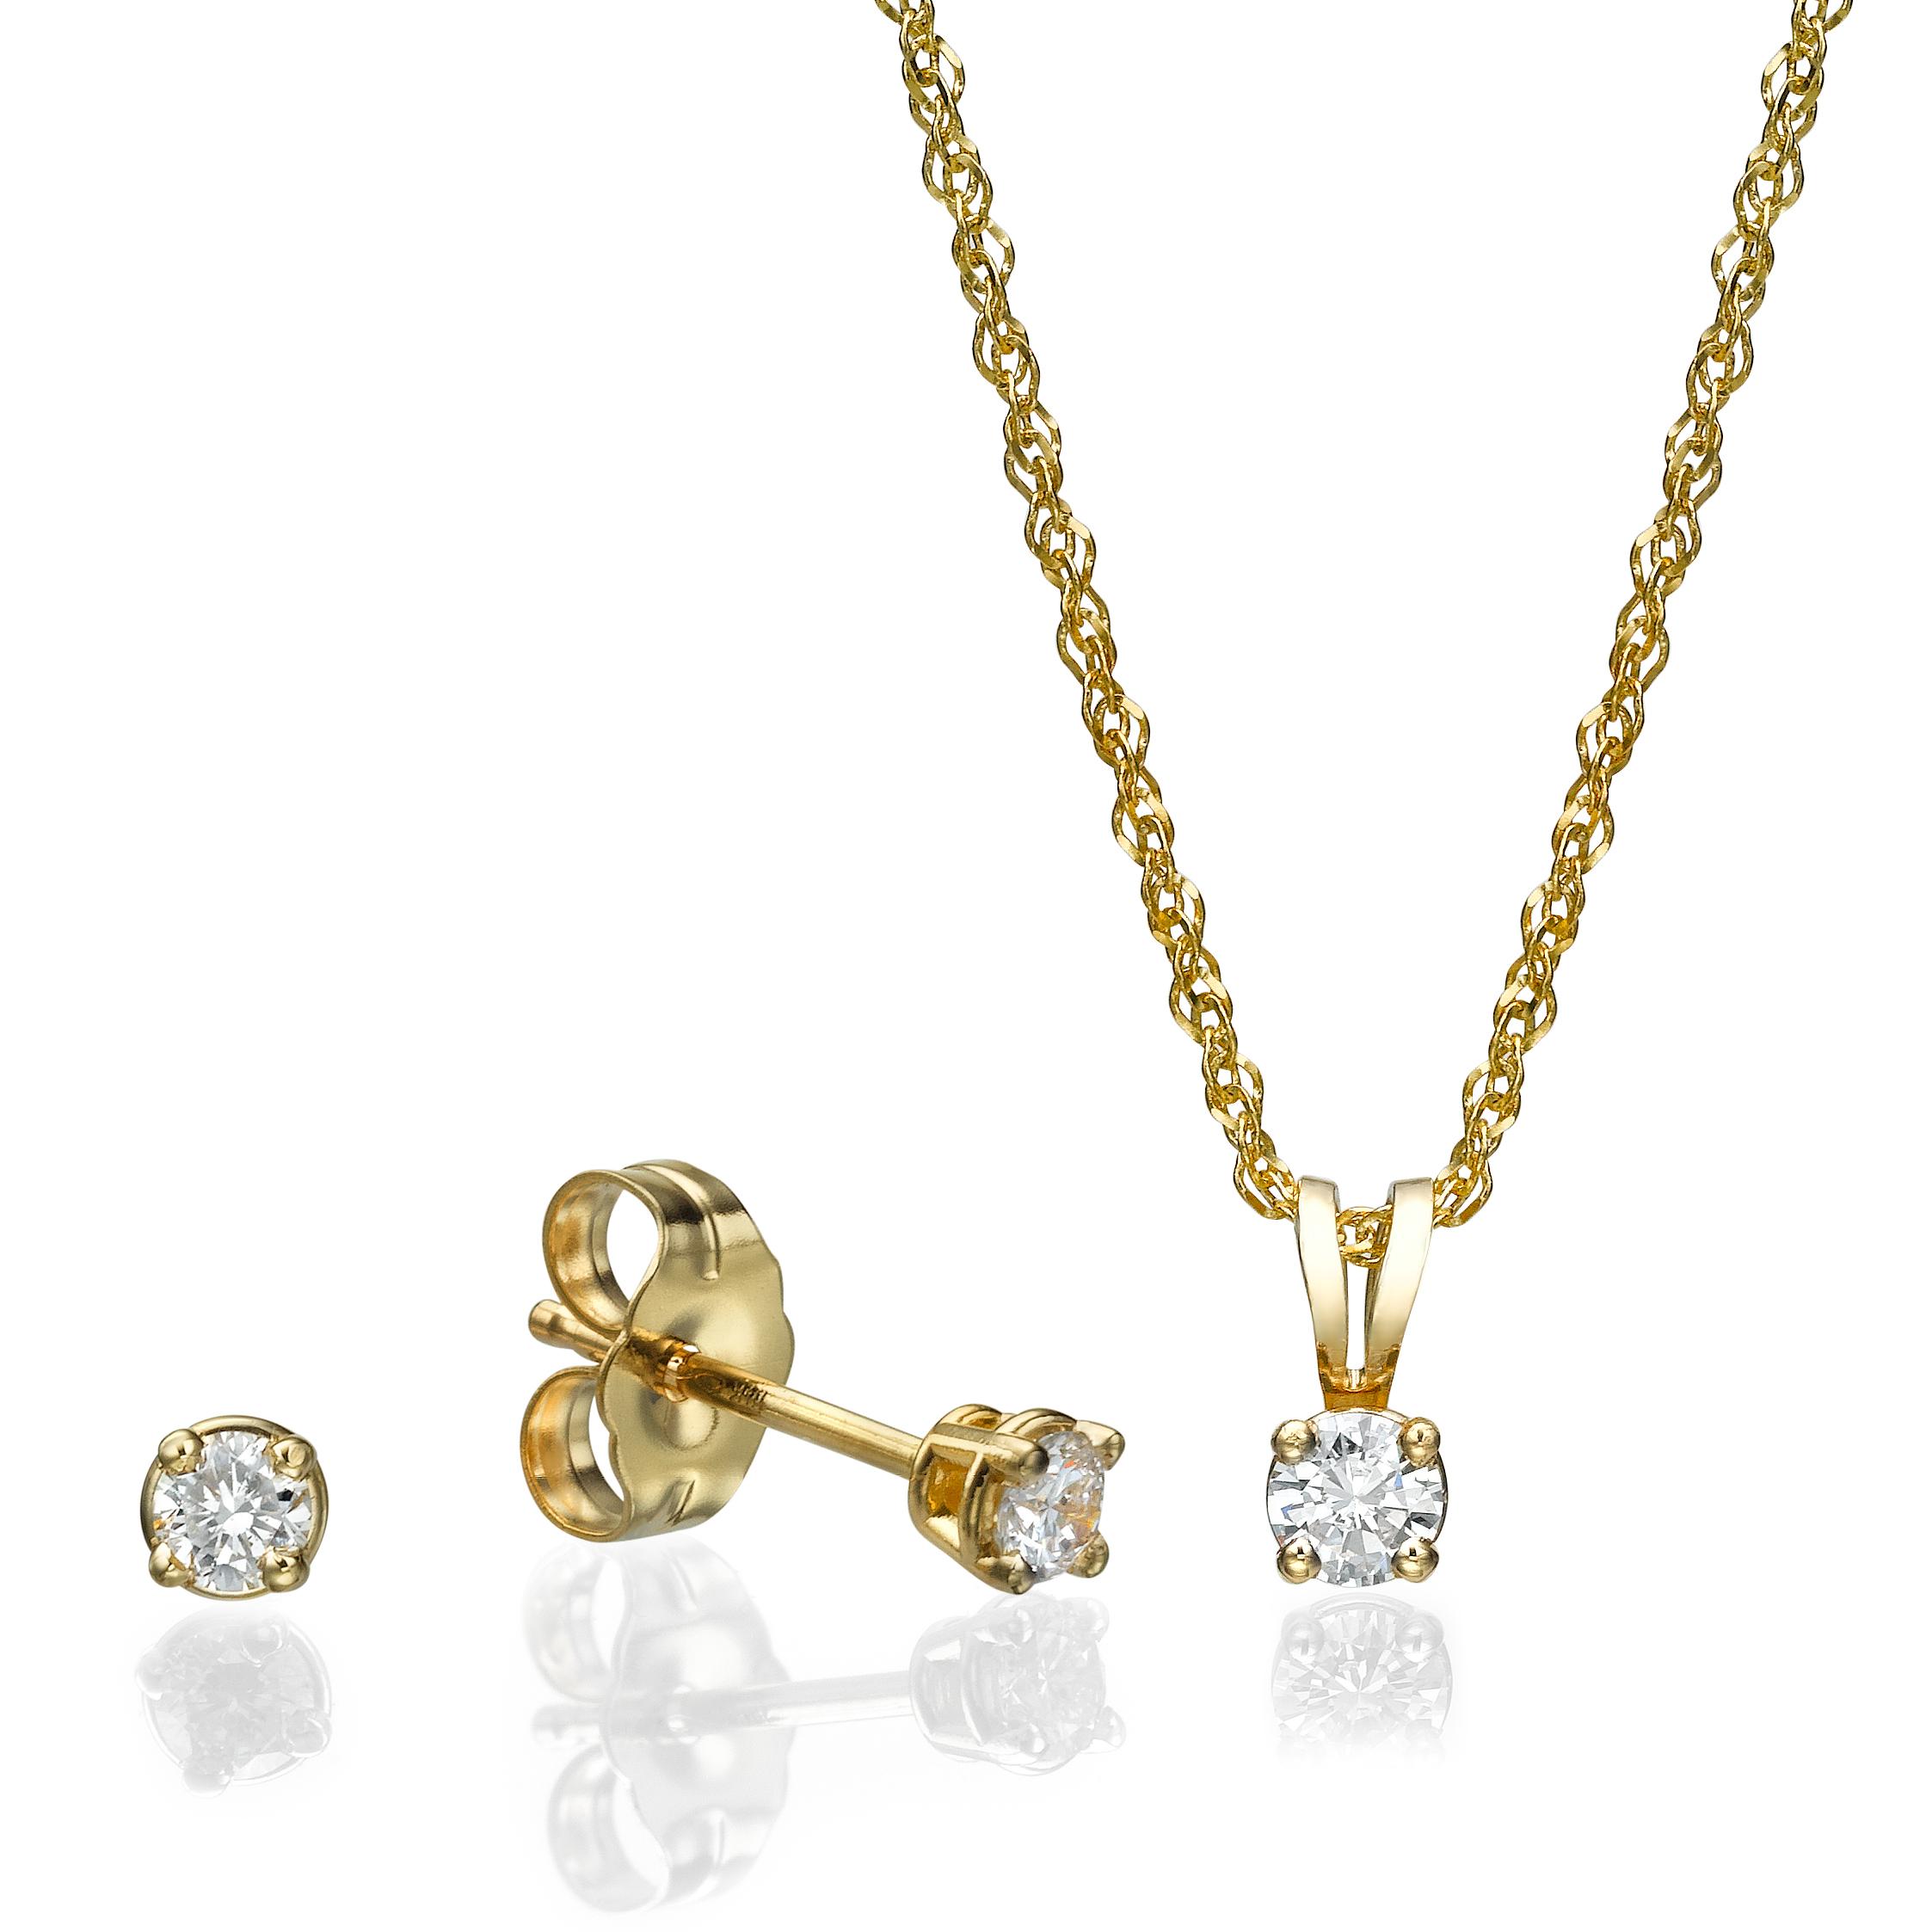 סט יהלומים בייסיק - זהב צהוב 14K